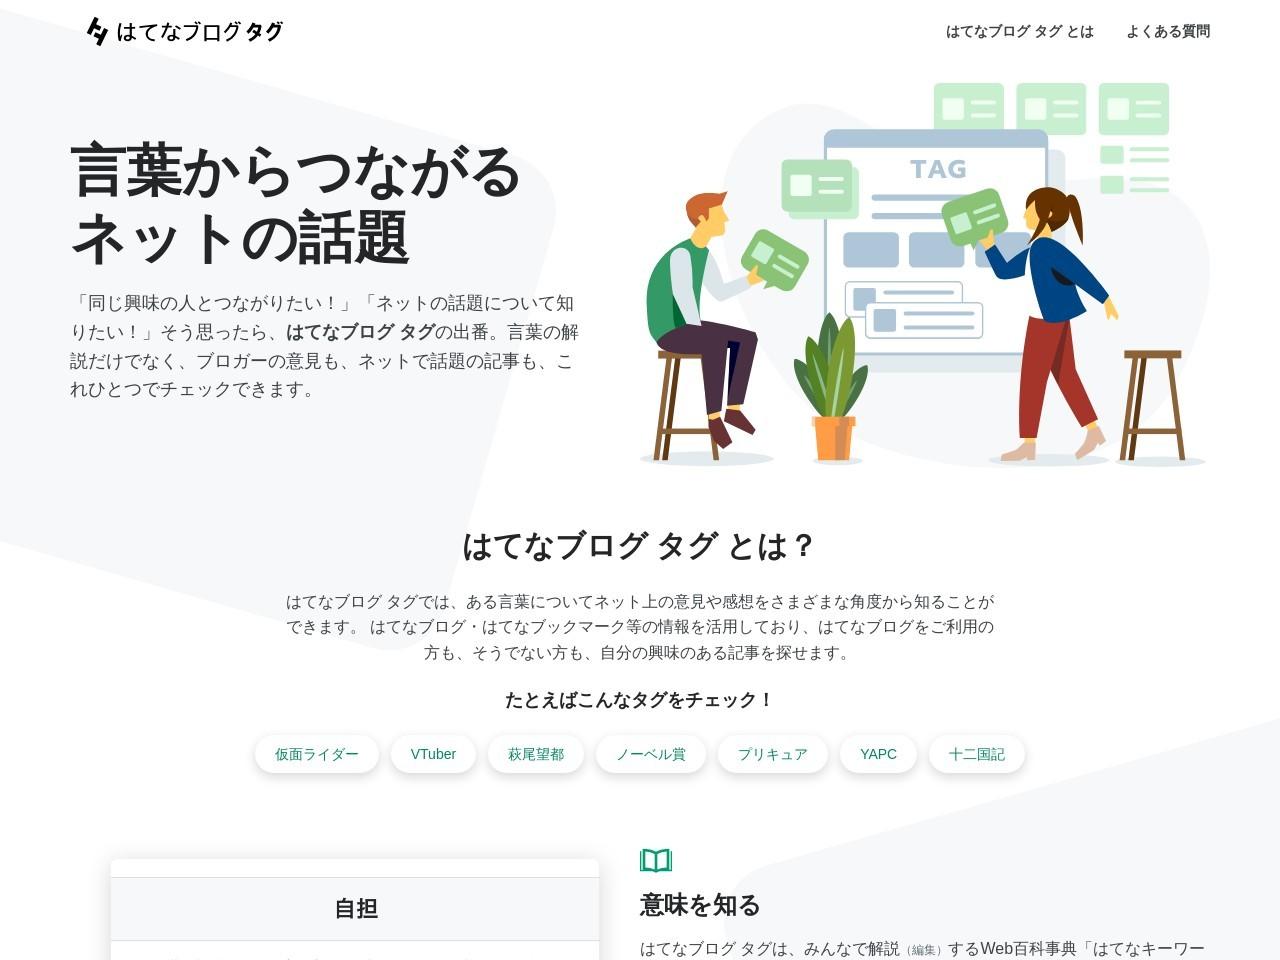 http://d.hatena.ne.jp/jonathans/20040302#kouryo